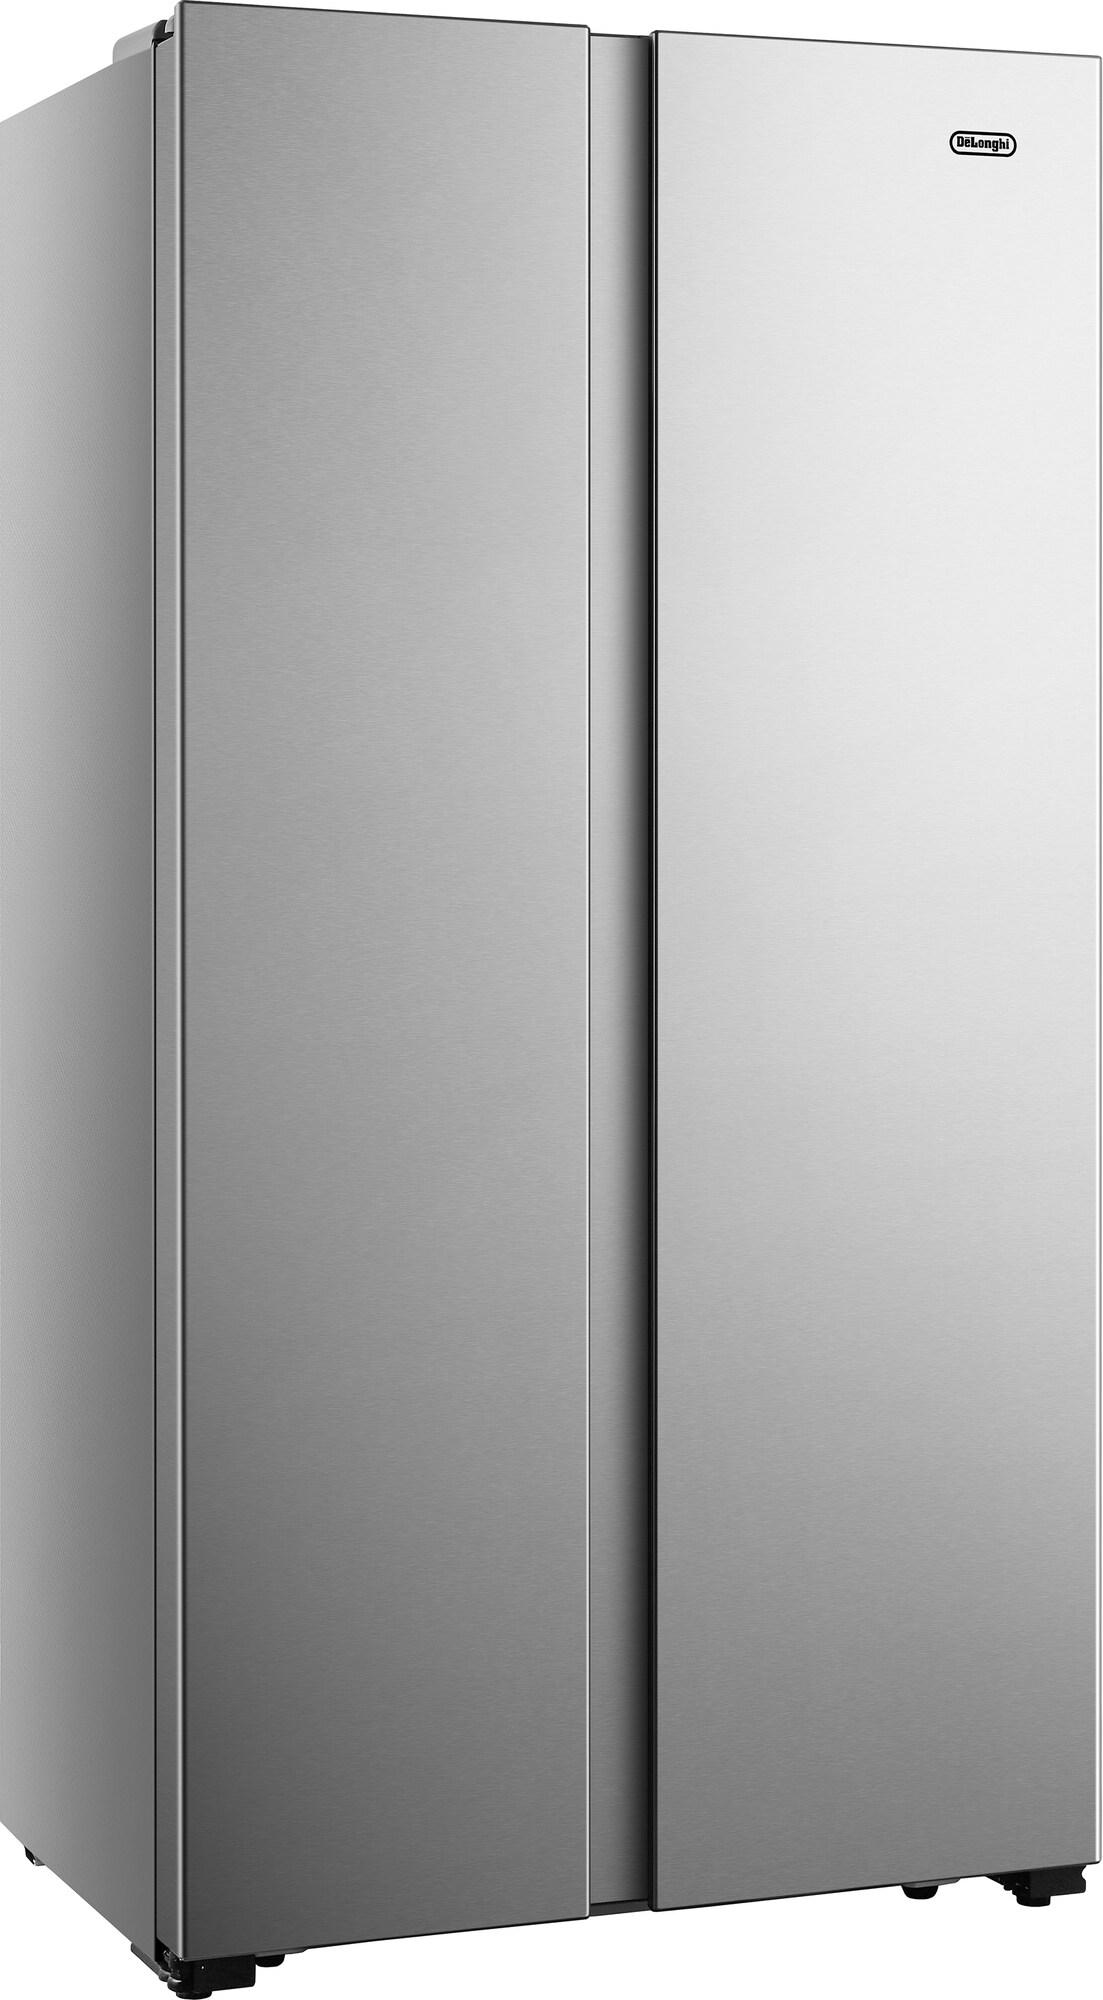 Amerikaner køleskab bedst i test